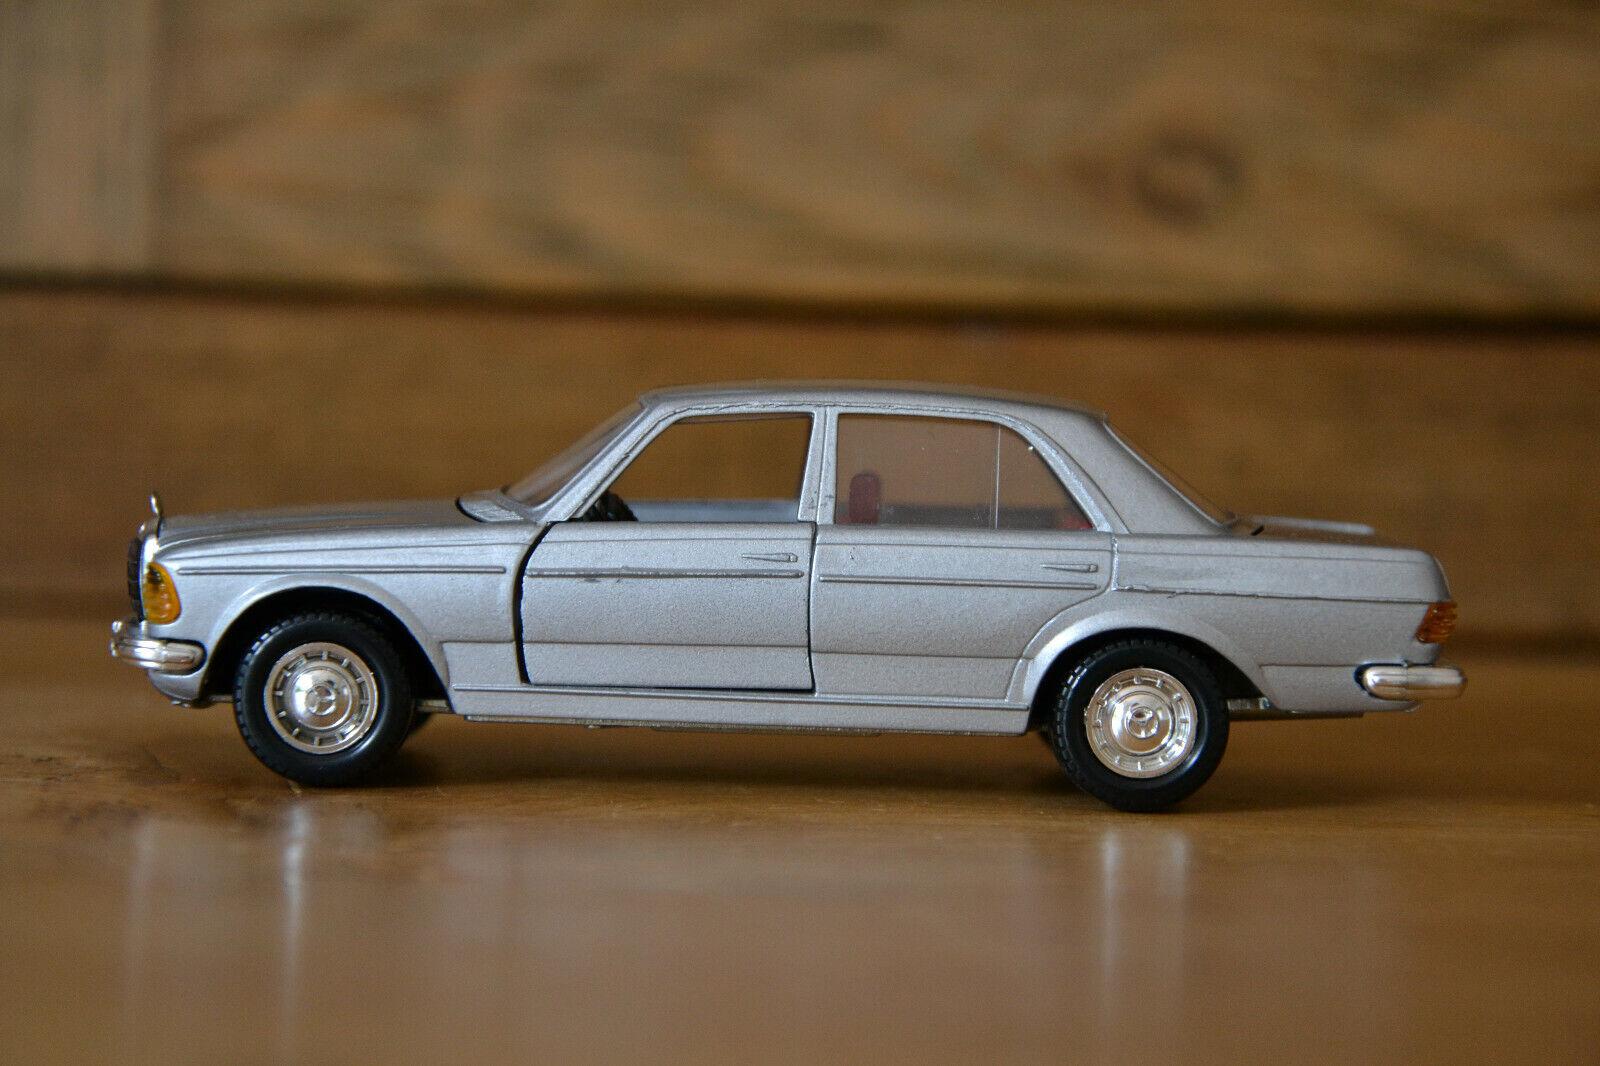 W123 Limousine 200D 240D 250 Mercedes Benz von Cursor in 1 35 in silber sehr gut